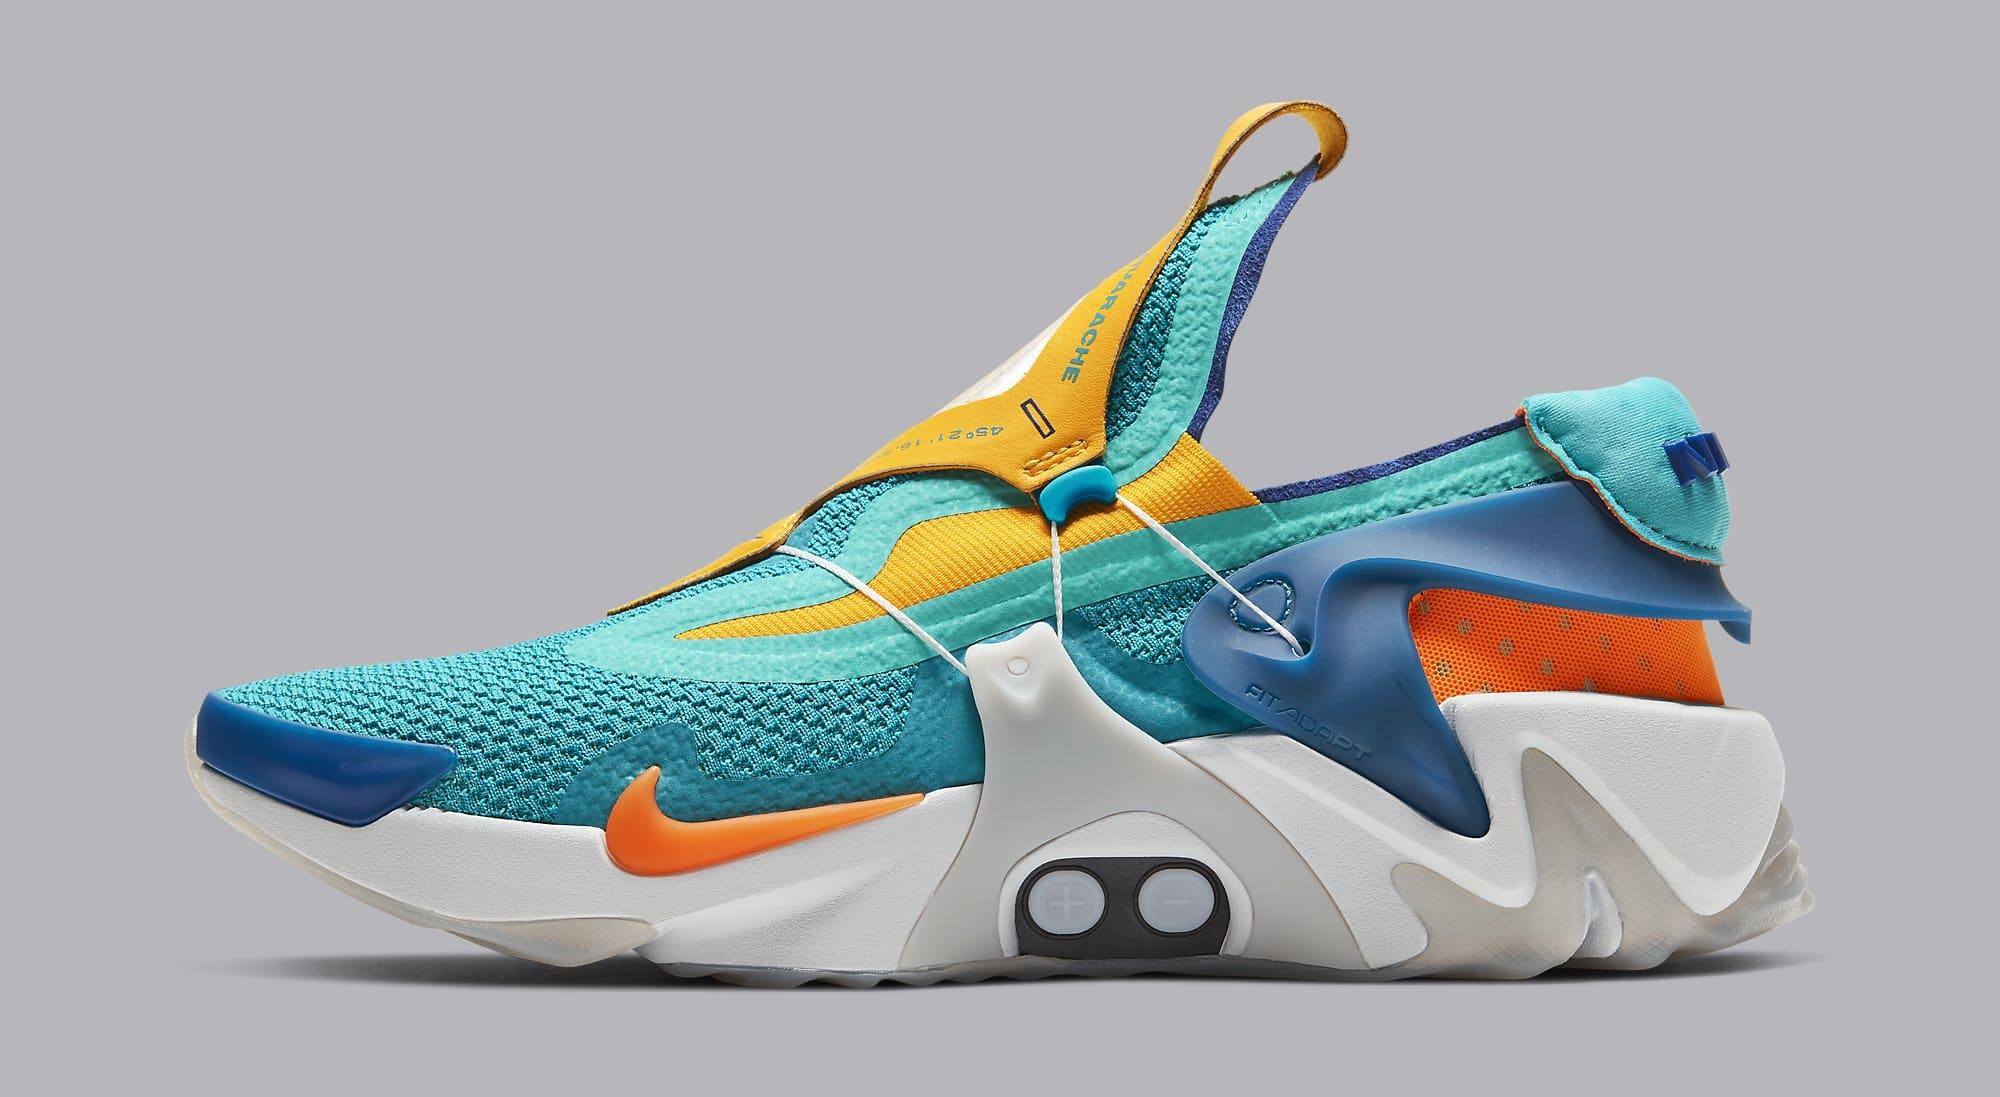 Nike Adapt Huarache 'Hyper Jade/Total Orange' BV6397-300 ...